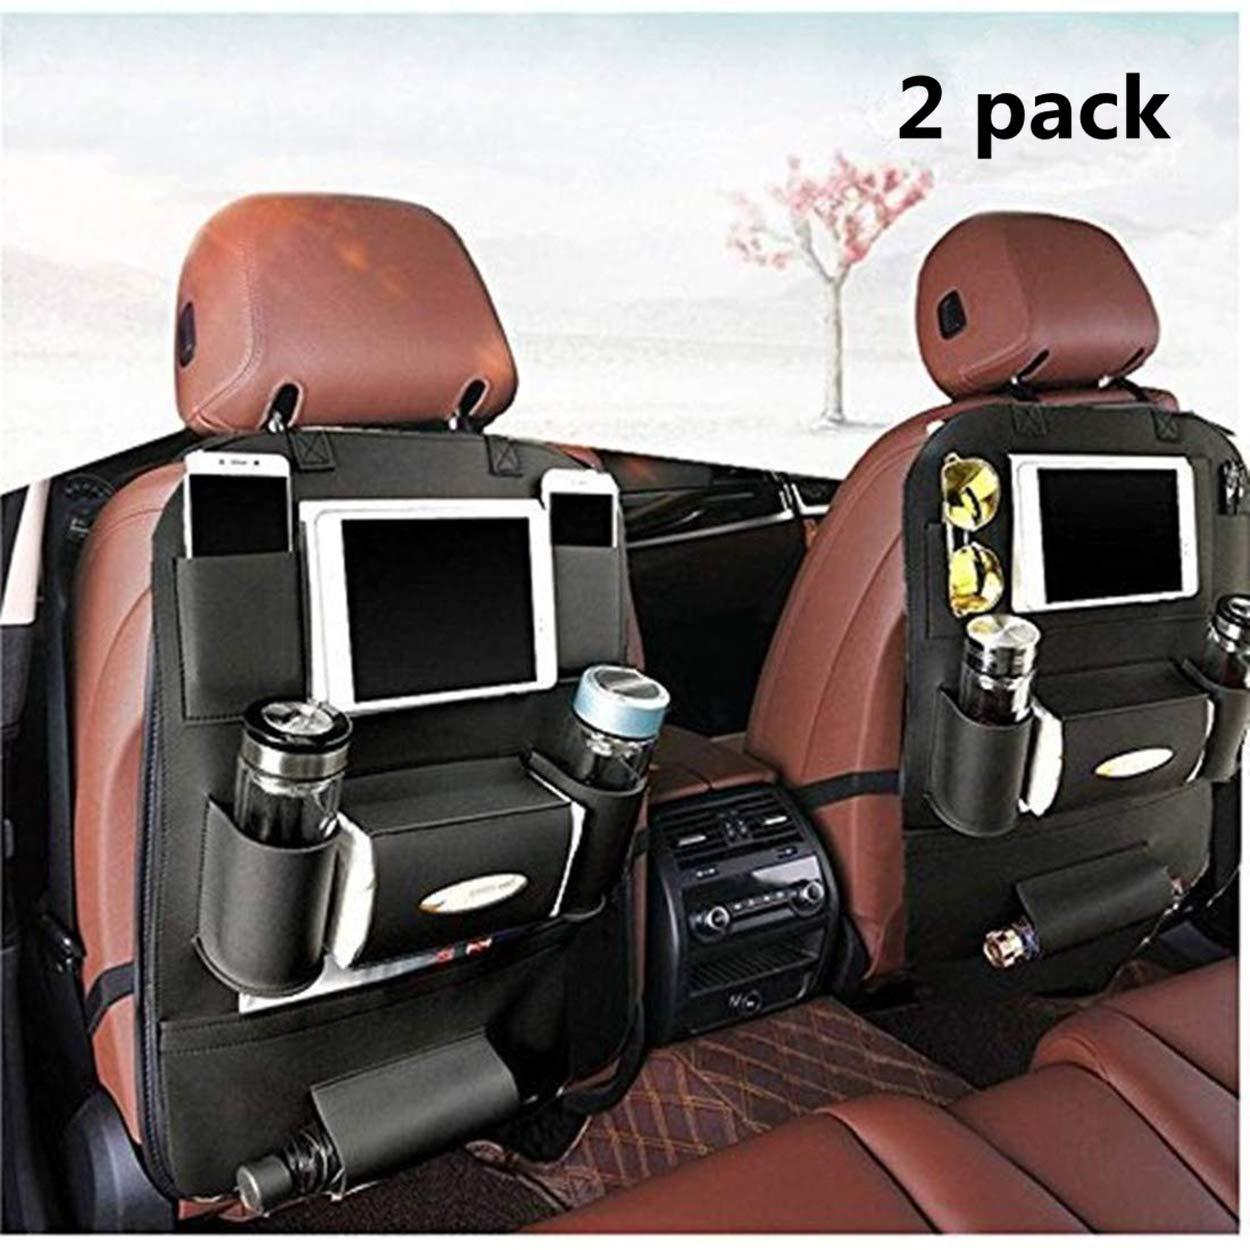 K&K 高级 PU 皮革汽车后座椅收纳袋 - 多用途用作自动座椅靠背保护器 - 儿童玩具存储,后座椅保护罩/踢垫/汽车收纳盒(黑色) 黑色